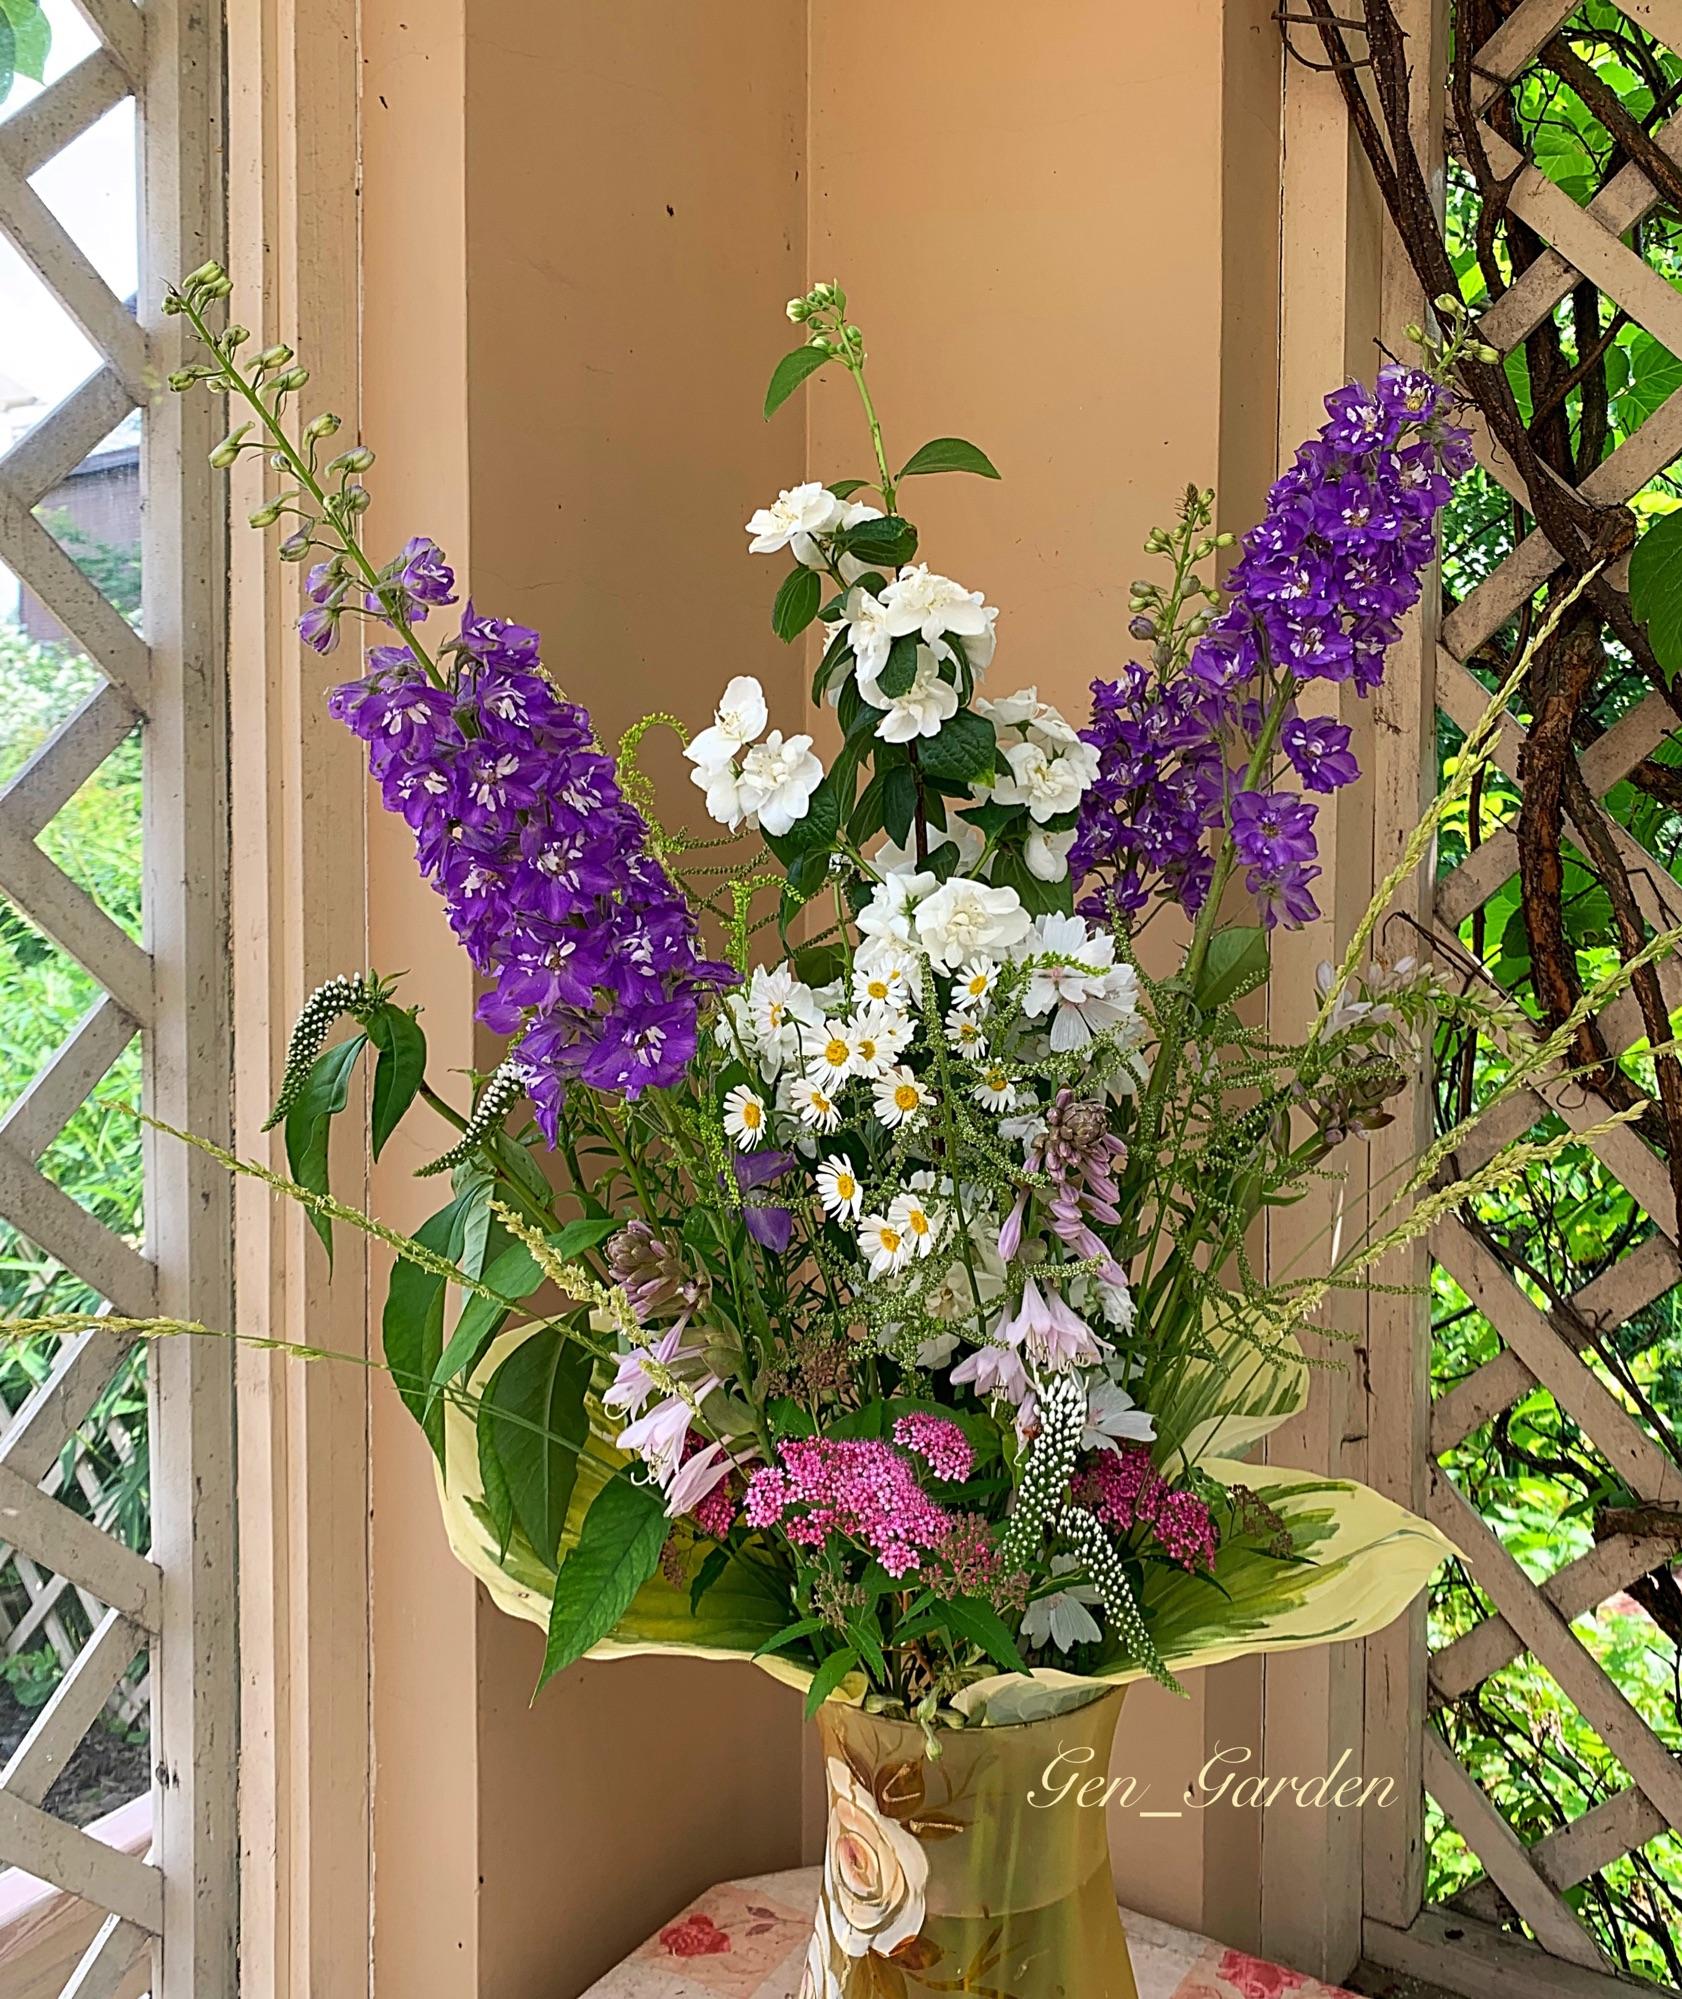 Достоин наш июль и наше лето простой торжественности свежего букета